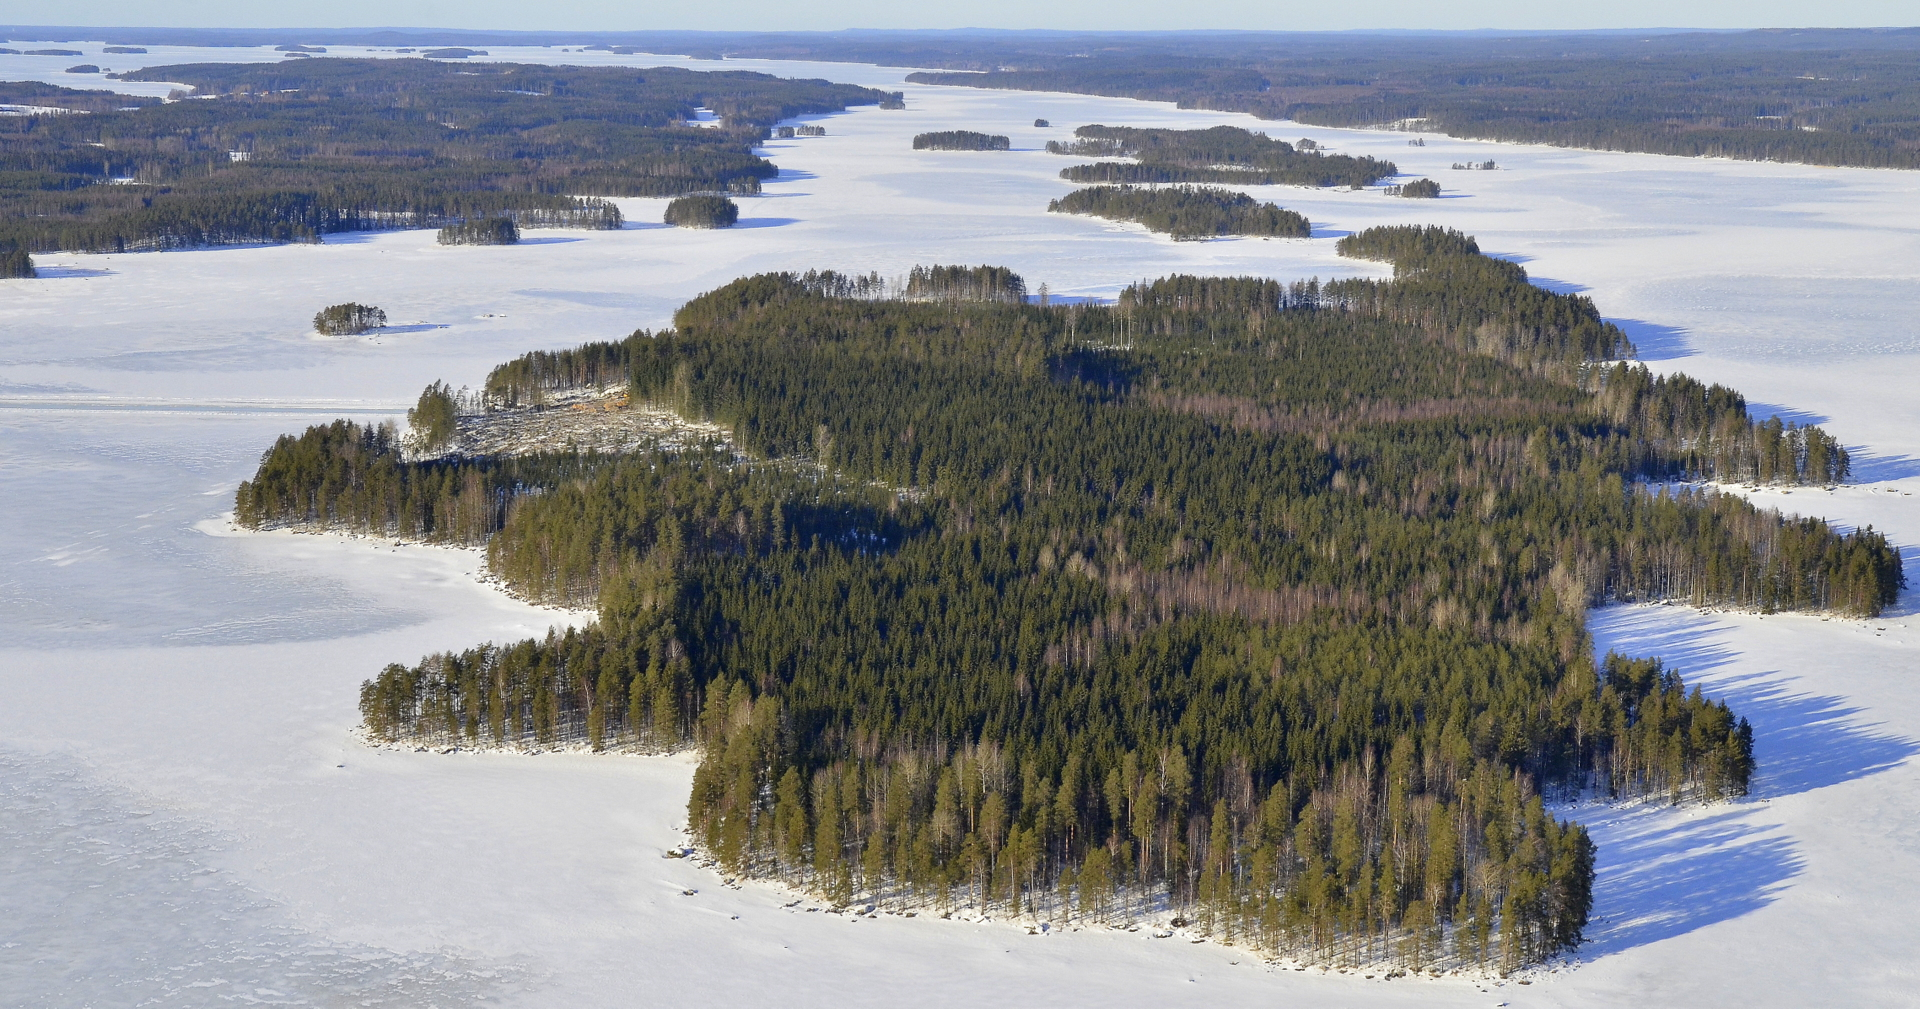 Lähimpänä Matoselkä, vasemmalla kaukaisuudessa järven takana Pihtipudas.